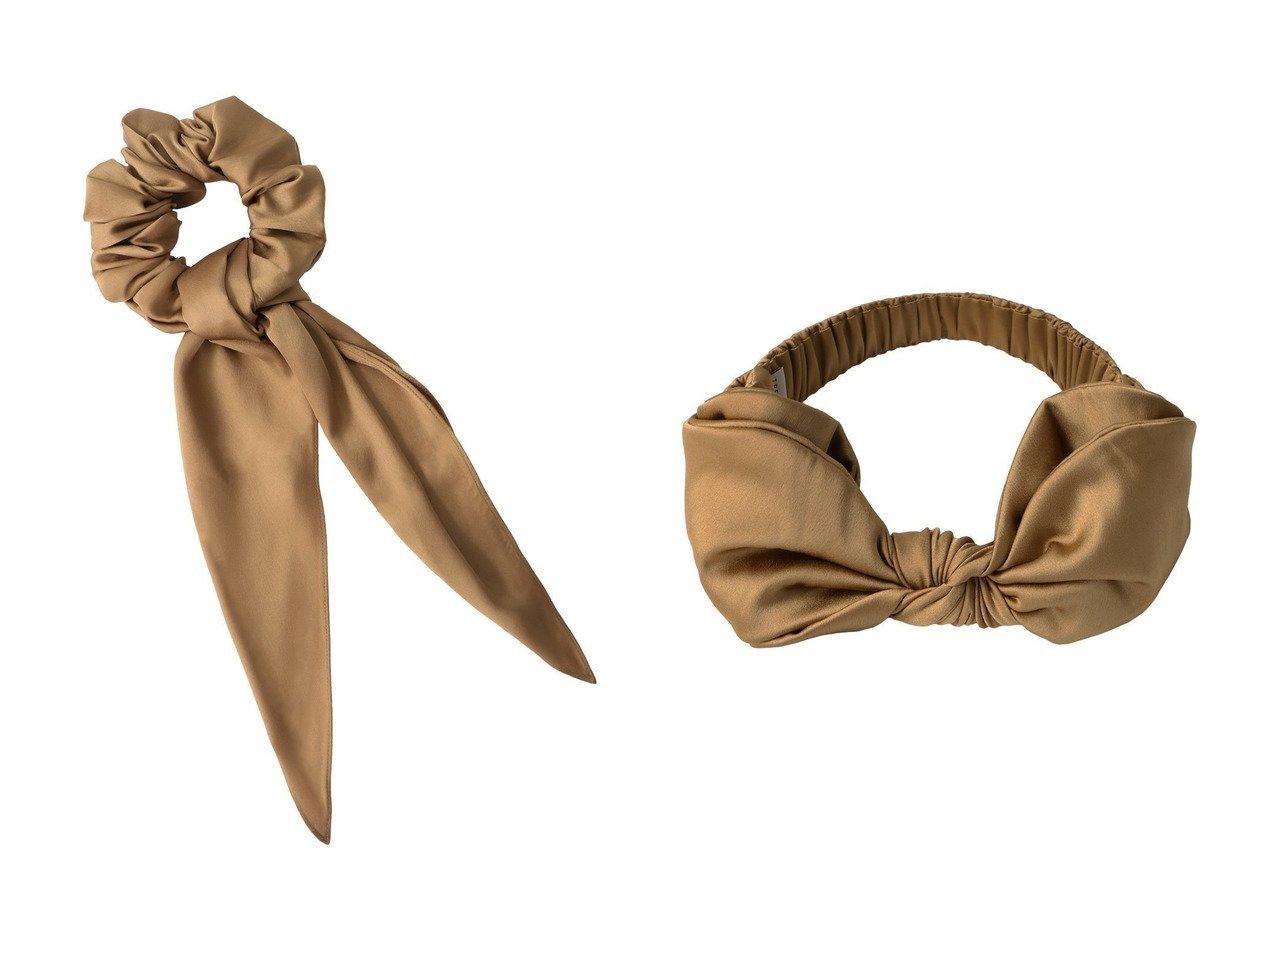 【TRESSE/トレス】のPetite Sophie スカーフ付きシュシュ&Petite Sophie ヘアバンド おすすめ!人気、トレンド・レディースファッションの通販 おすすめで人気の流行・トレンド、ファッションの通販商品 インテリア・家具・メンズファッション・キッズファッション・レディースファッション・服の通販 founy(ファニー) https://founy.com/ ファッション Fashion レディースファッション WOMEN シュシュ / ヘアアクセ Hair Accessories アクセサリー スカーフ |ID:crp329100000074702